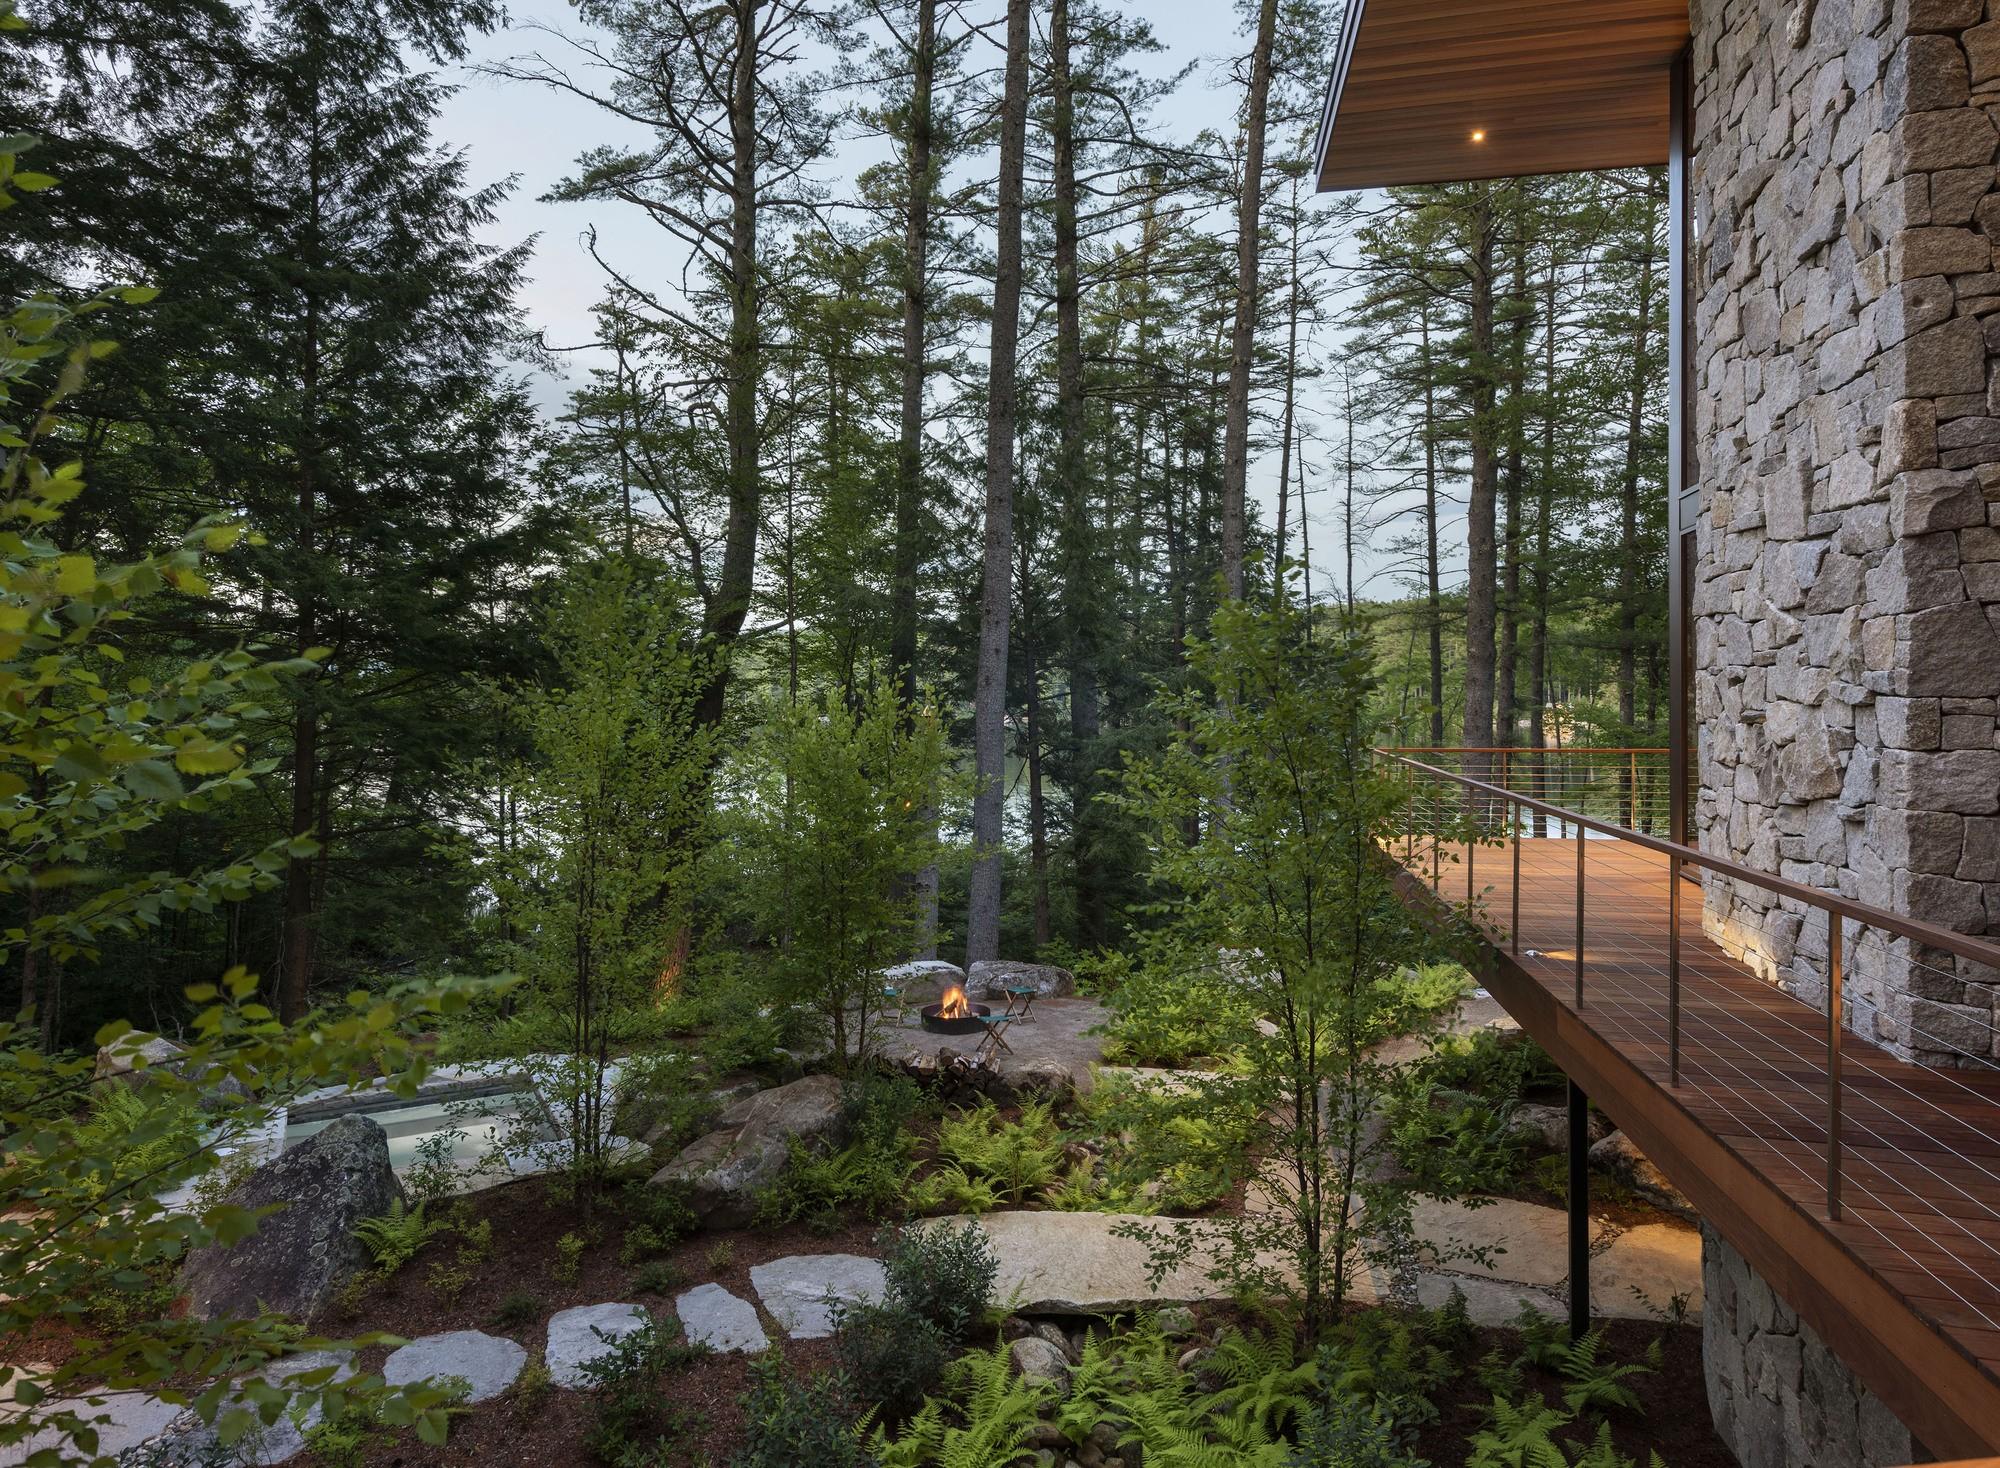 Загородная резиденция, погруженная в идиллический пейзаж